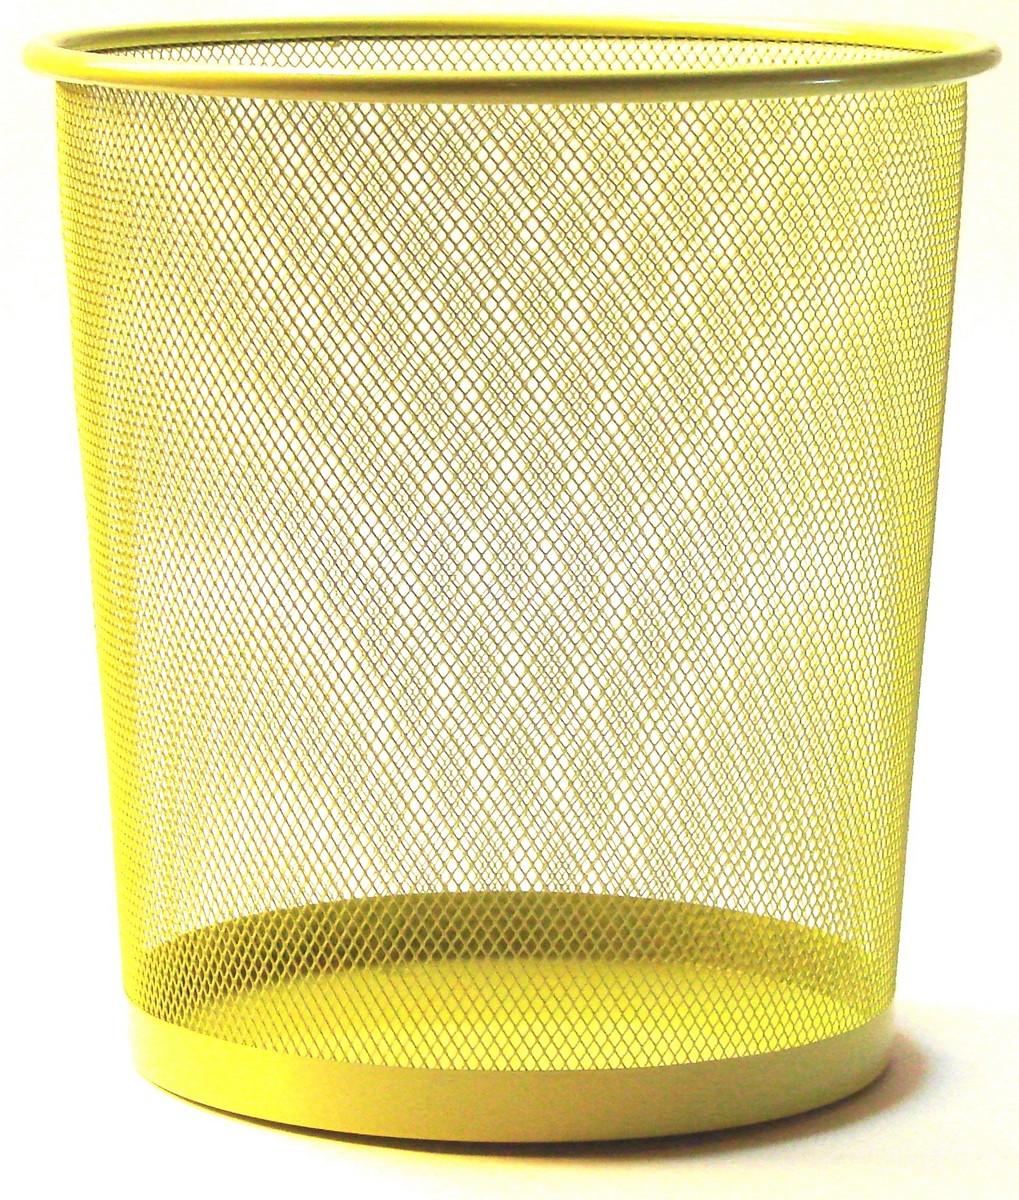 corbeille papier verte poubelle de bureau. Black Bedroom Furniture Sets. Home Design Ideas